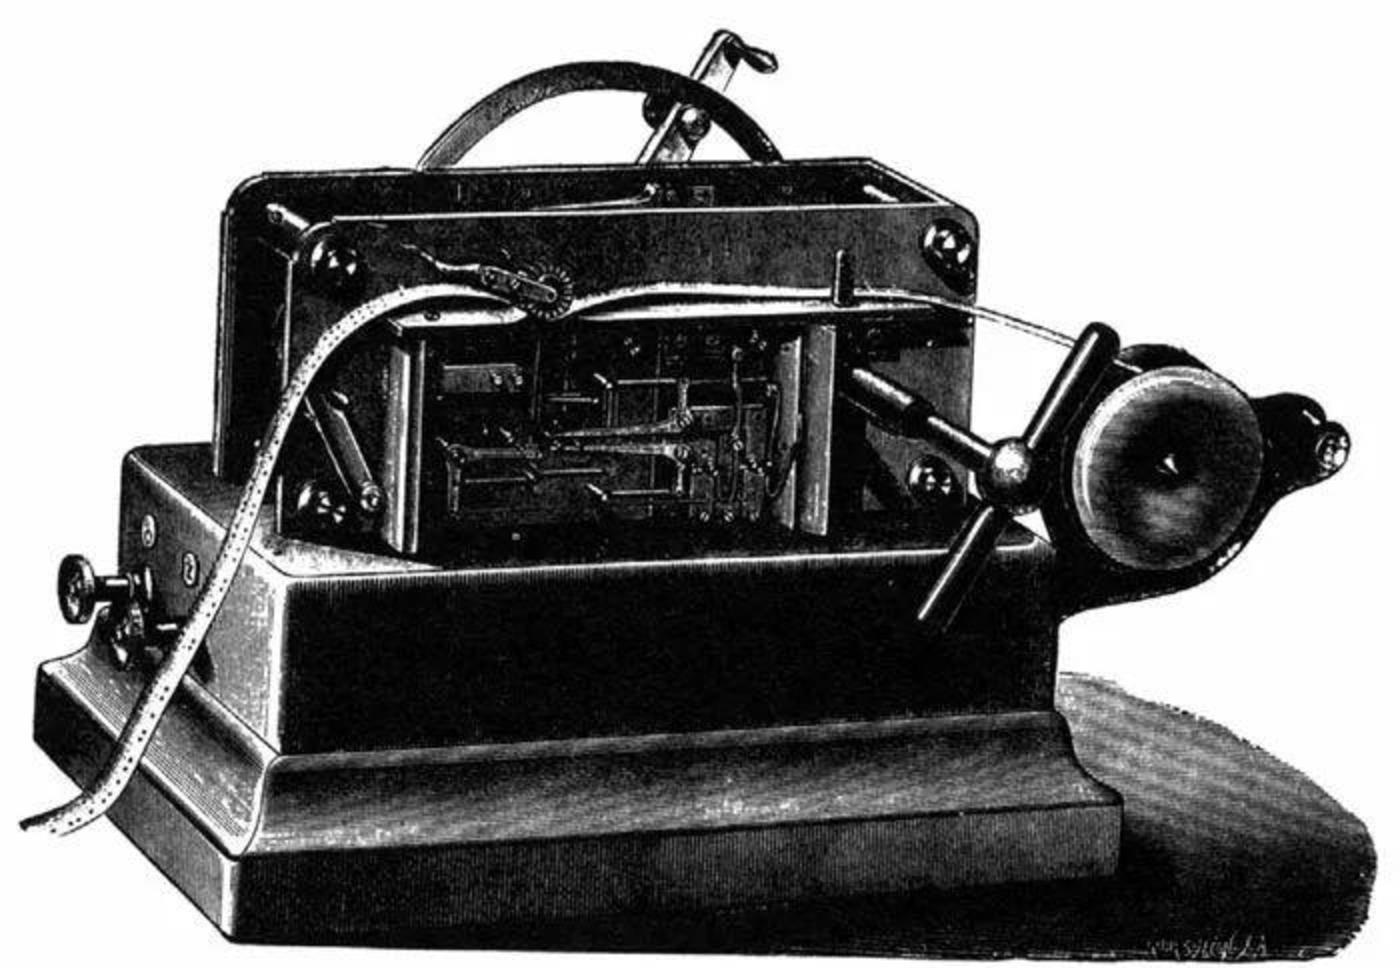 惠斯通自动发送机。事先打好孔的纸带从机器穿过,将消息以摩尔斯电码的形式高速传送出去